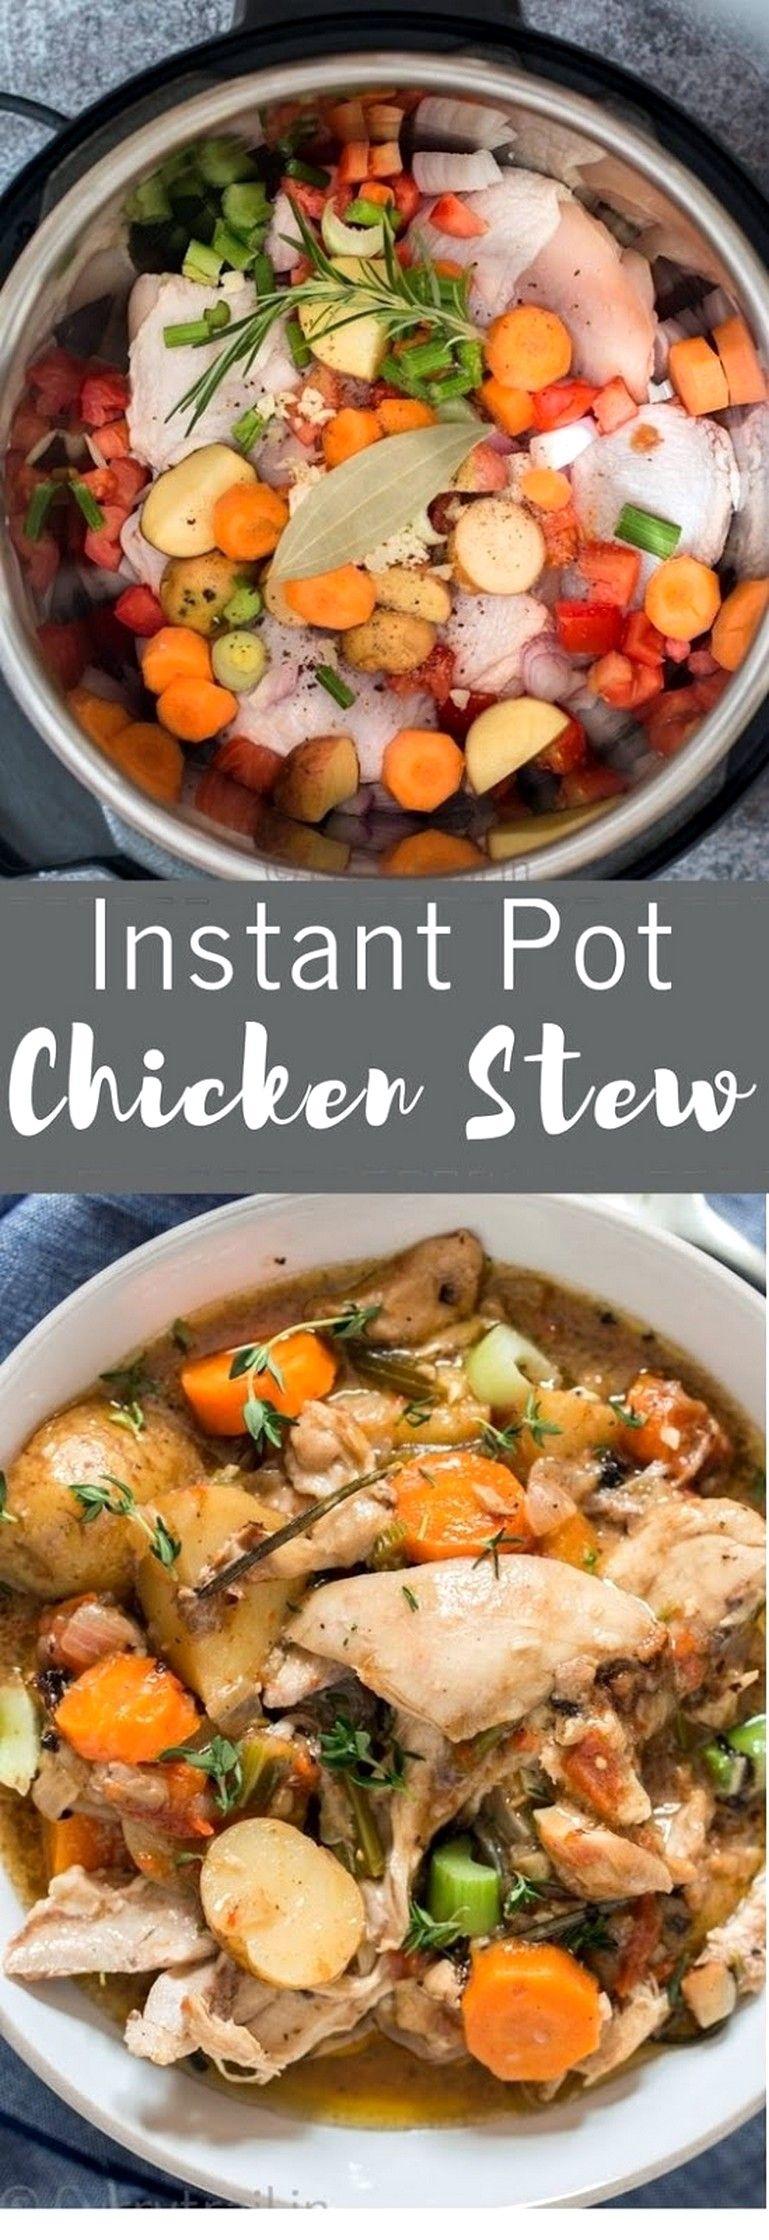 Instant Pot Chicken Stew #instantpotrecipesforbeginners